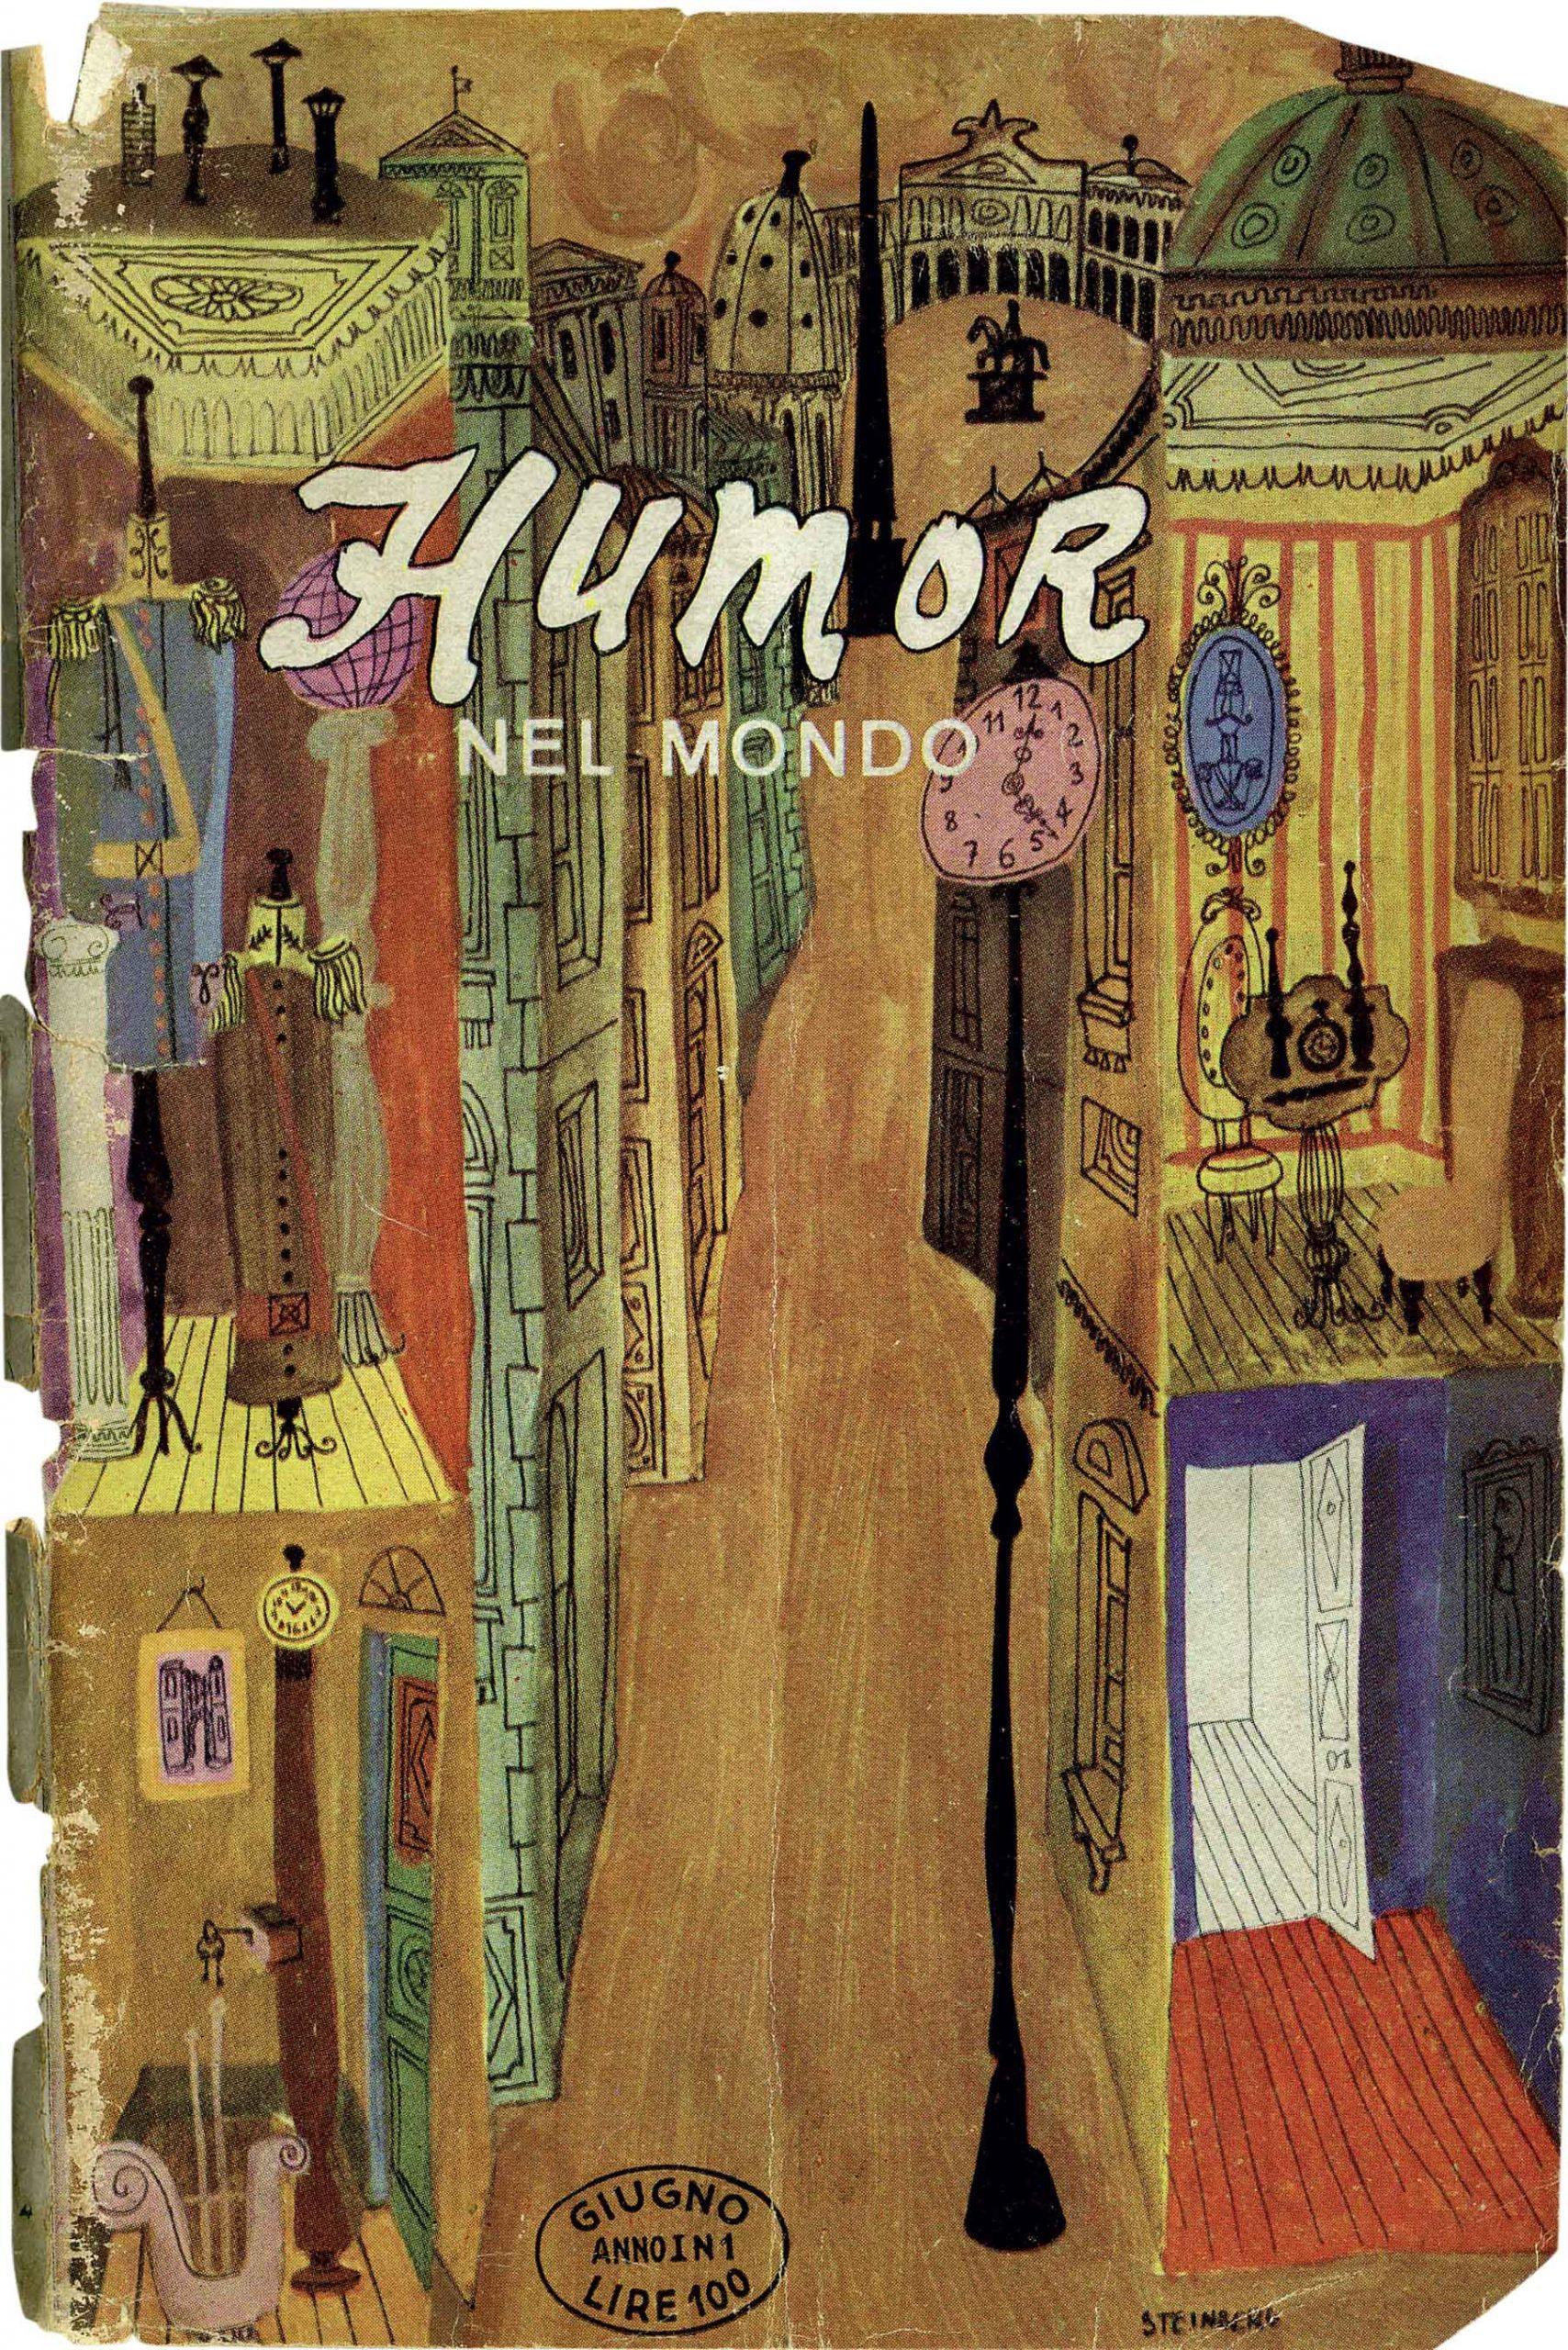 Copertina rivista Humor nel Mondo Italo Lupi